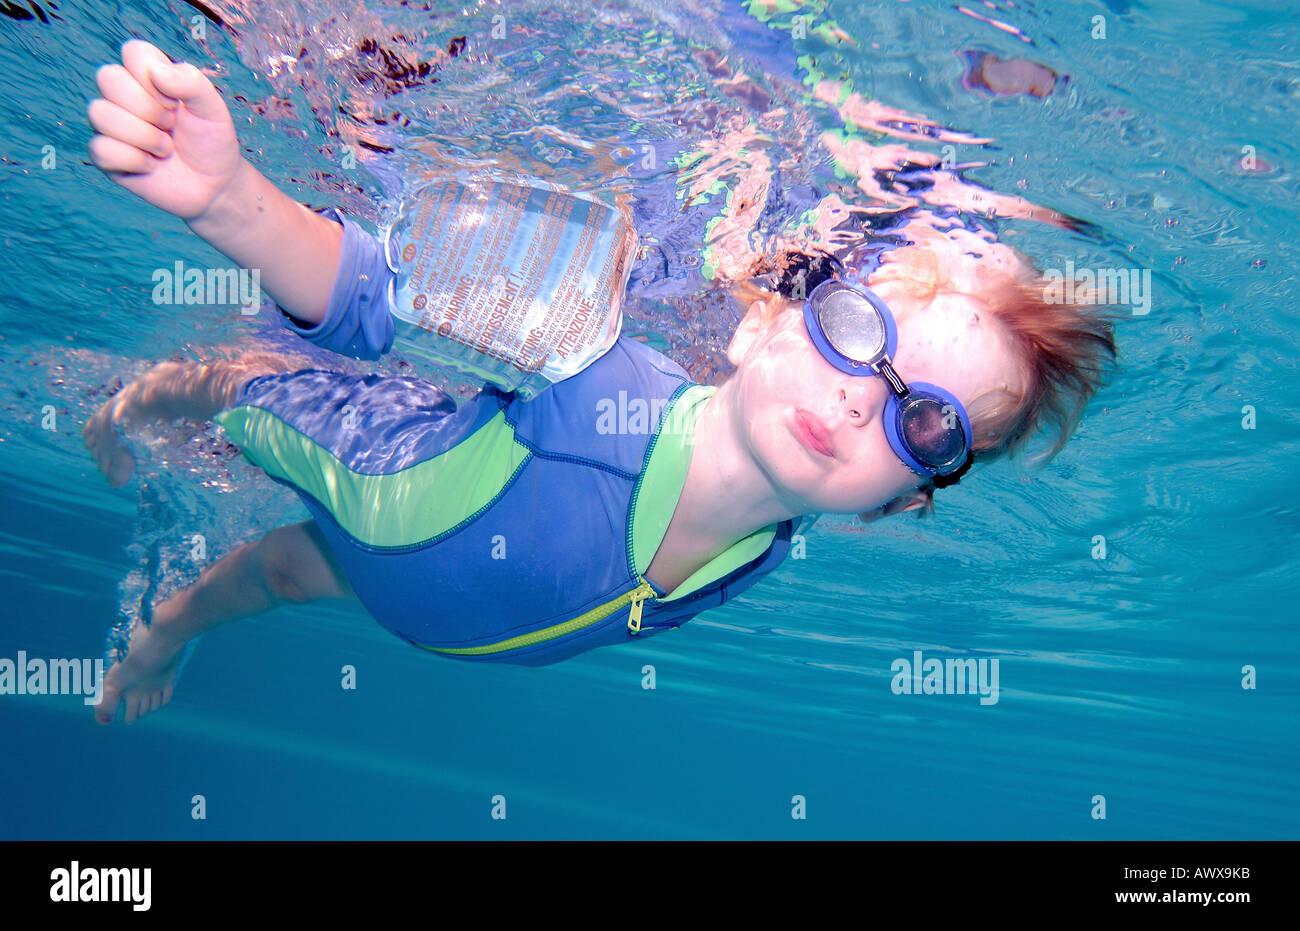 Ragazzo o bambino nuoto sott'acqua e apnea con occhiali di sicurezza su Immagini Stock